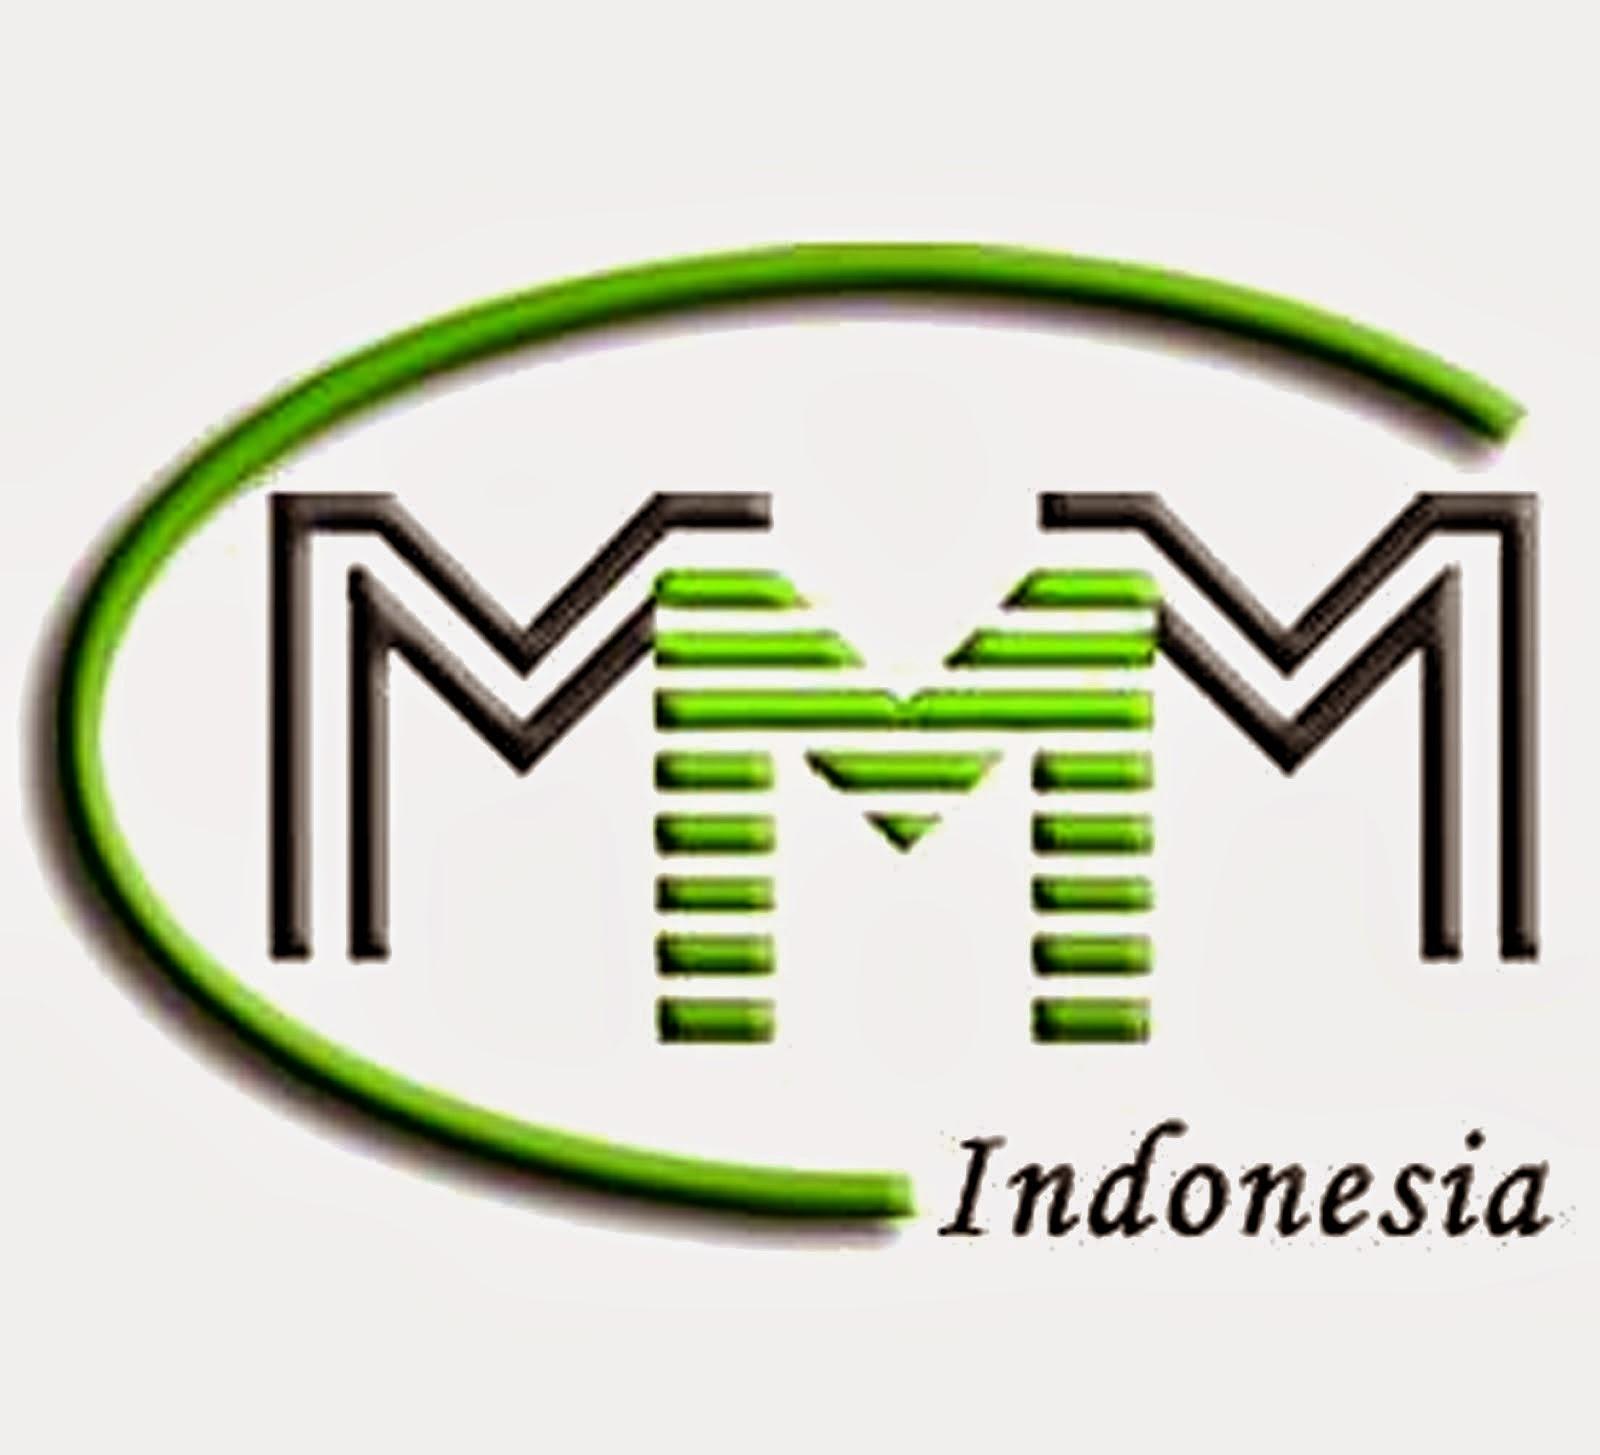 http://www.sergey-mavrodi.ms/registration/?i=mmyenyen1@gmail.com